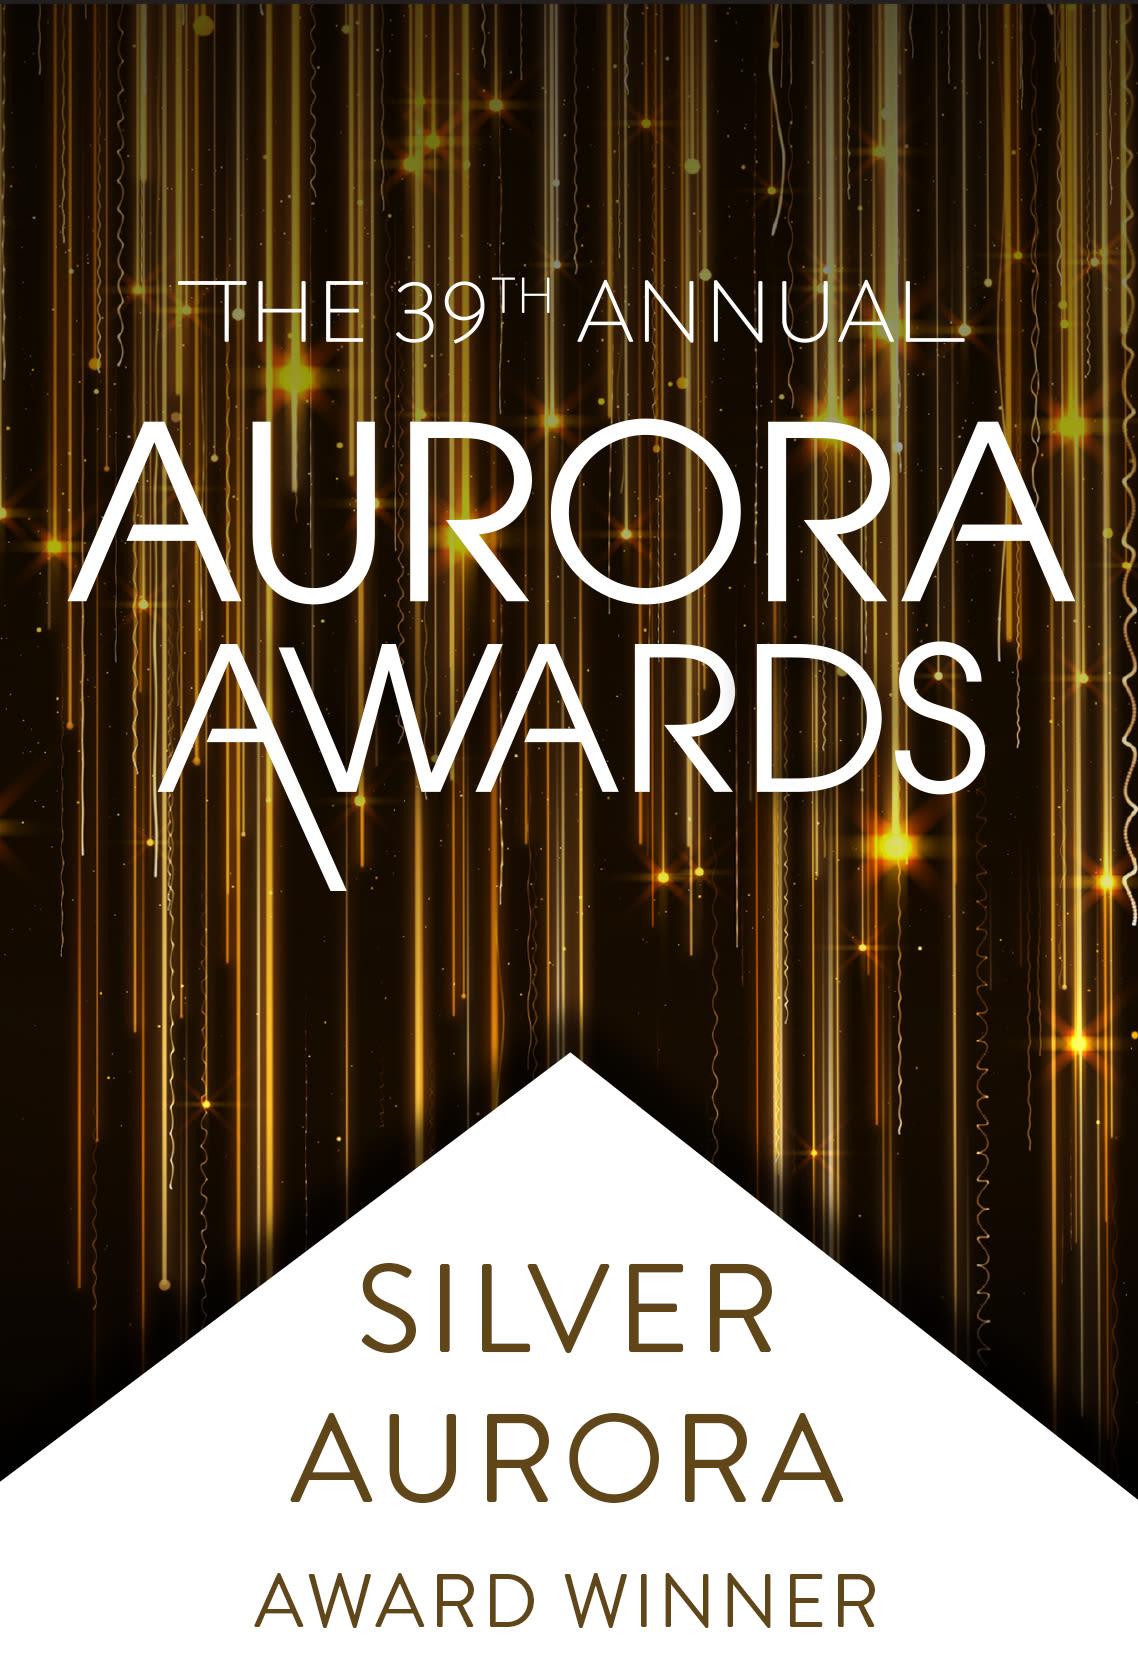 Silver Aurora award